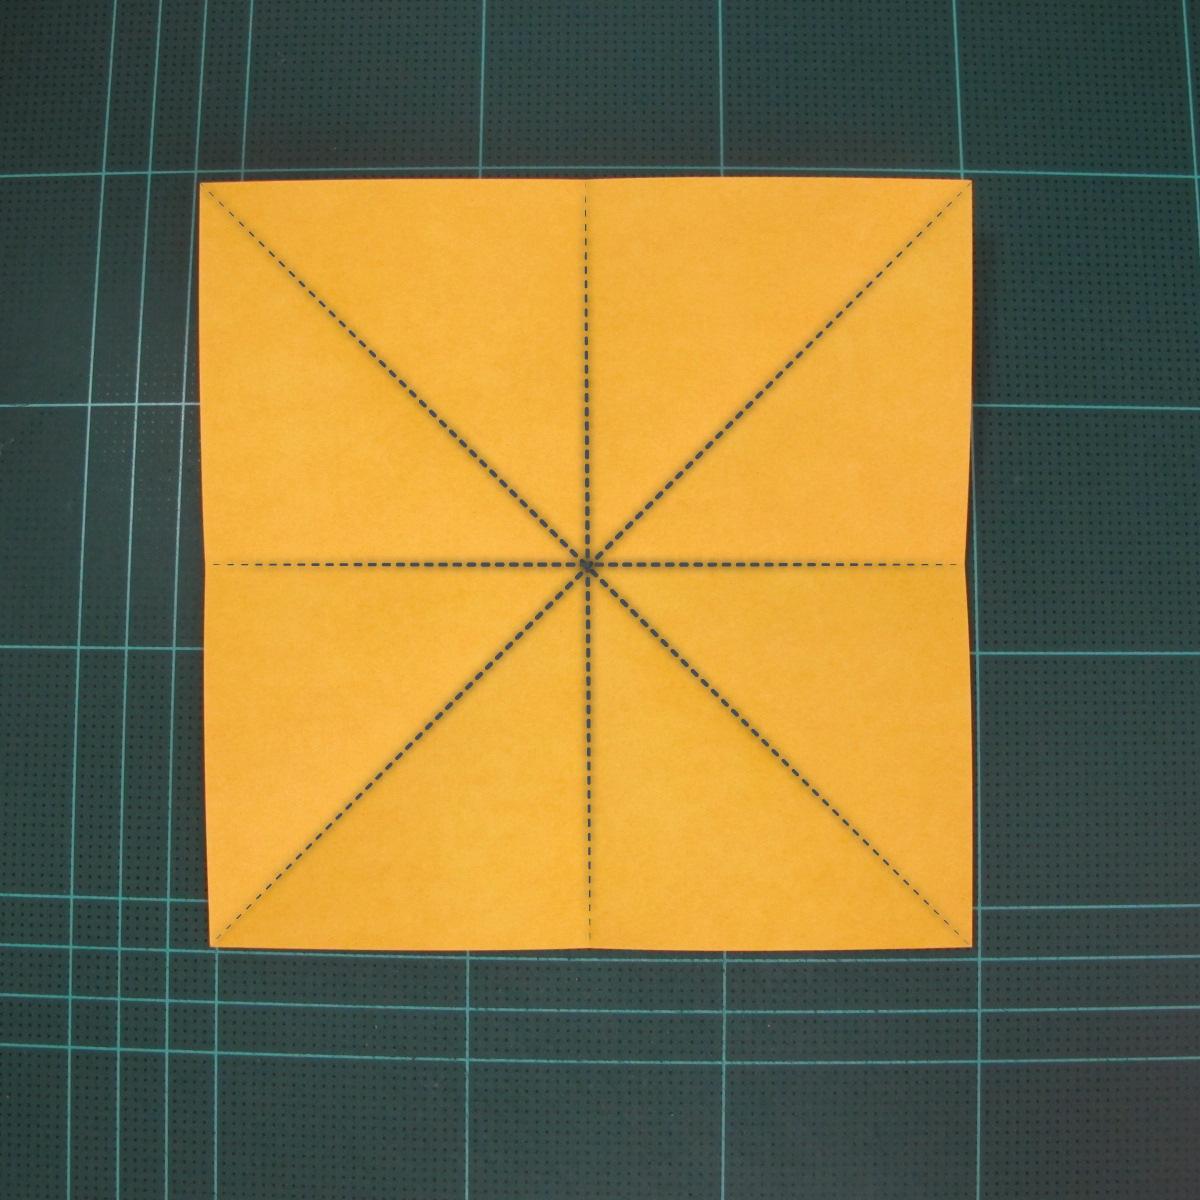 สอนวิธีพับกระดาษเป็นดอกกุหลาบ (แบบฐานกังหัน) (Origami Rose - Evi Binzinger) 002